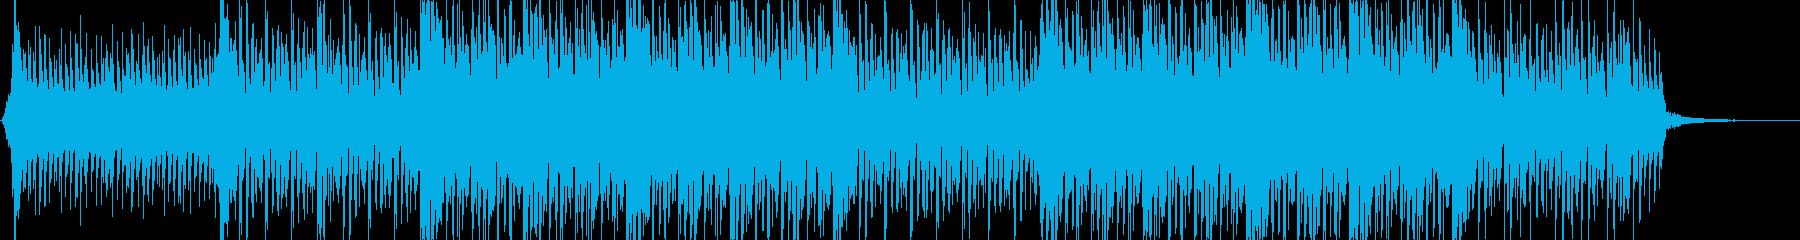 明るい未来をイメージしたコーポレート曲の再生済みの波形